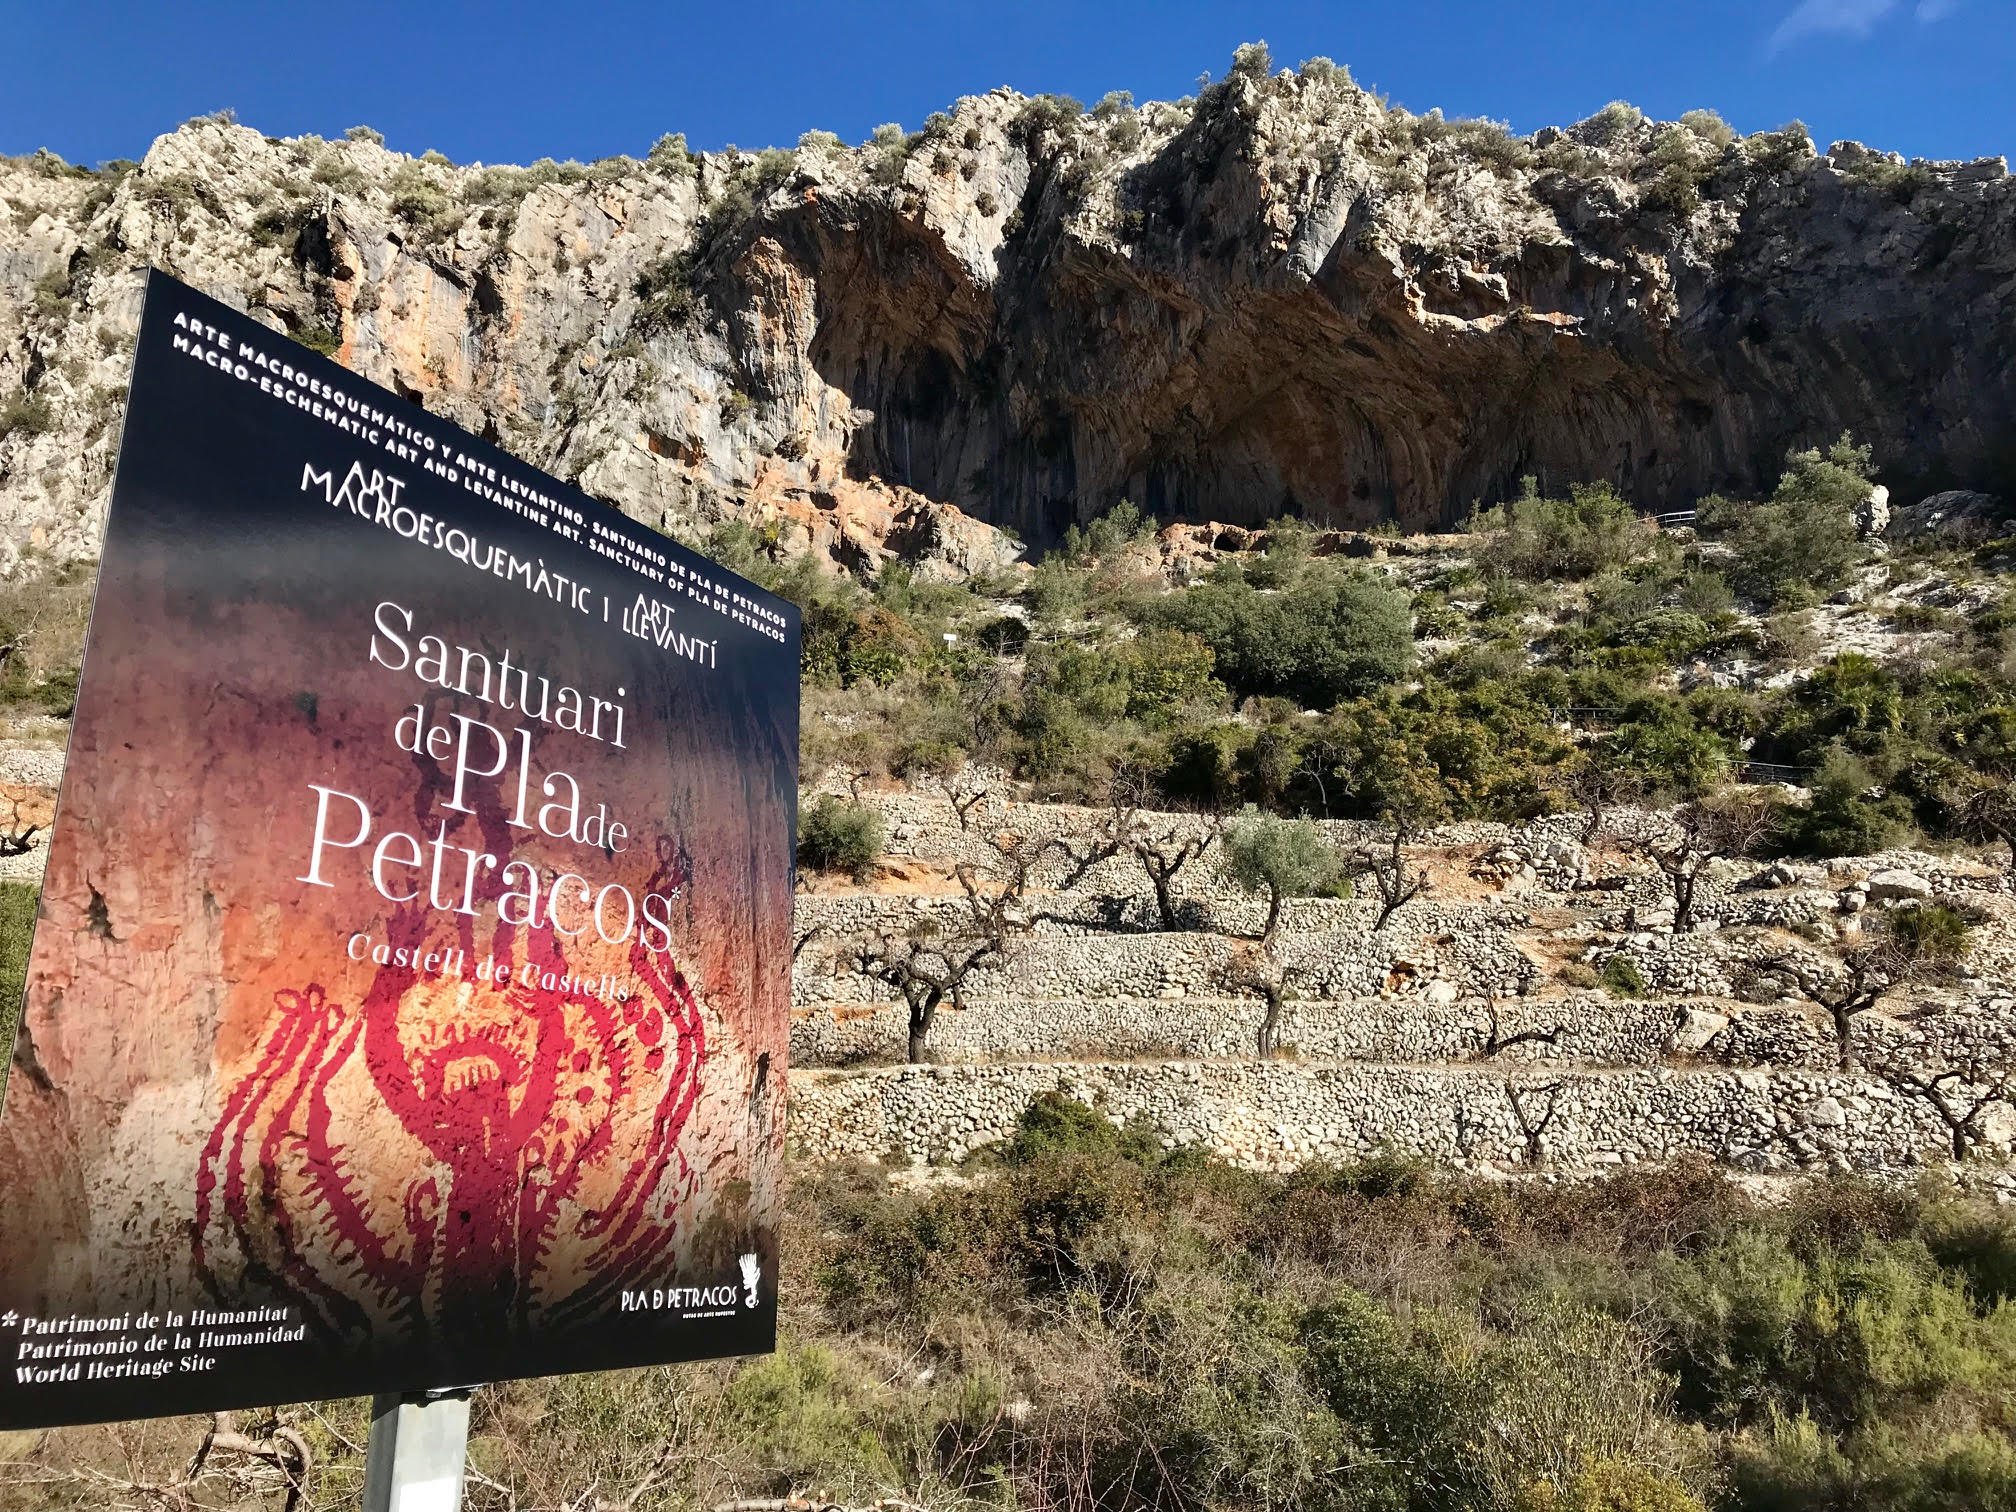 Pinturas ruprestres Pla de Petracos (Alicante)